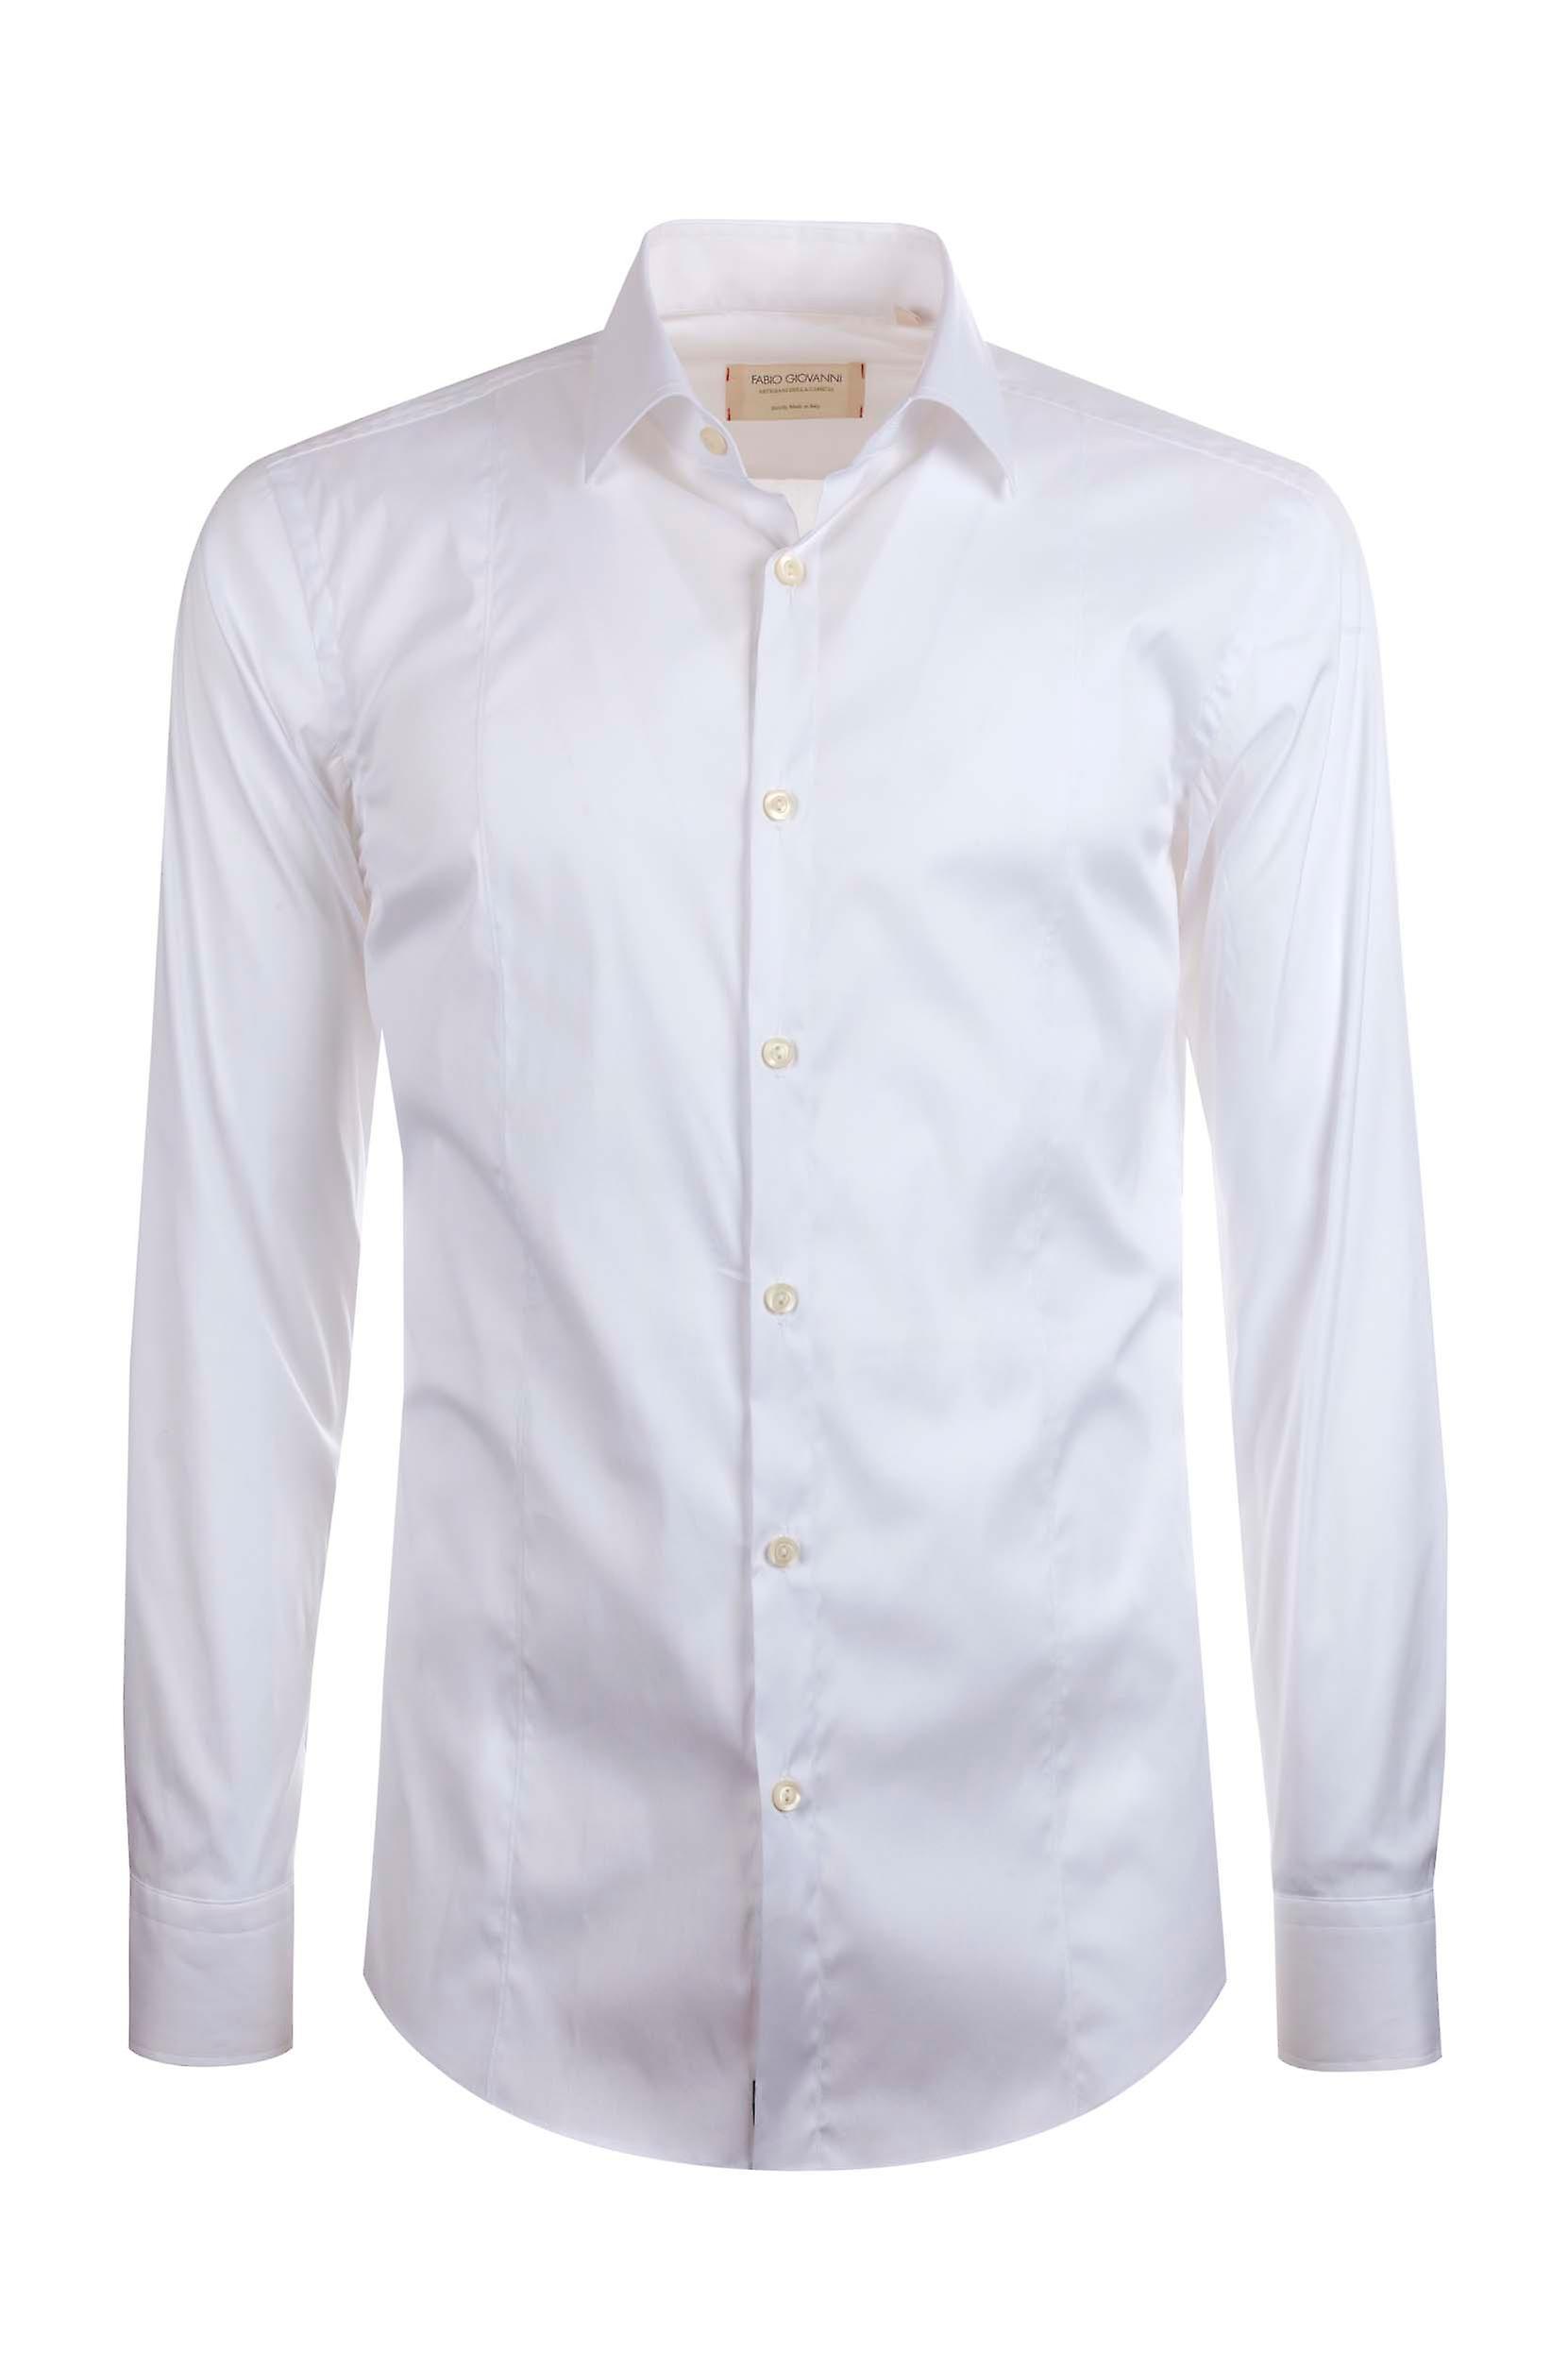 Fabio Giovanni Borsellino Shirt - Finest Italian Cotton Plain White Shirt